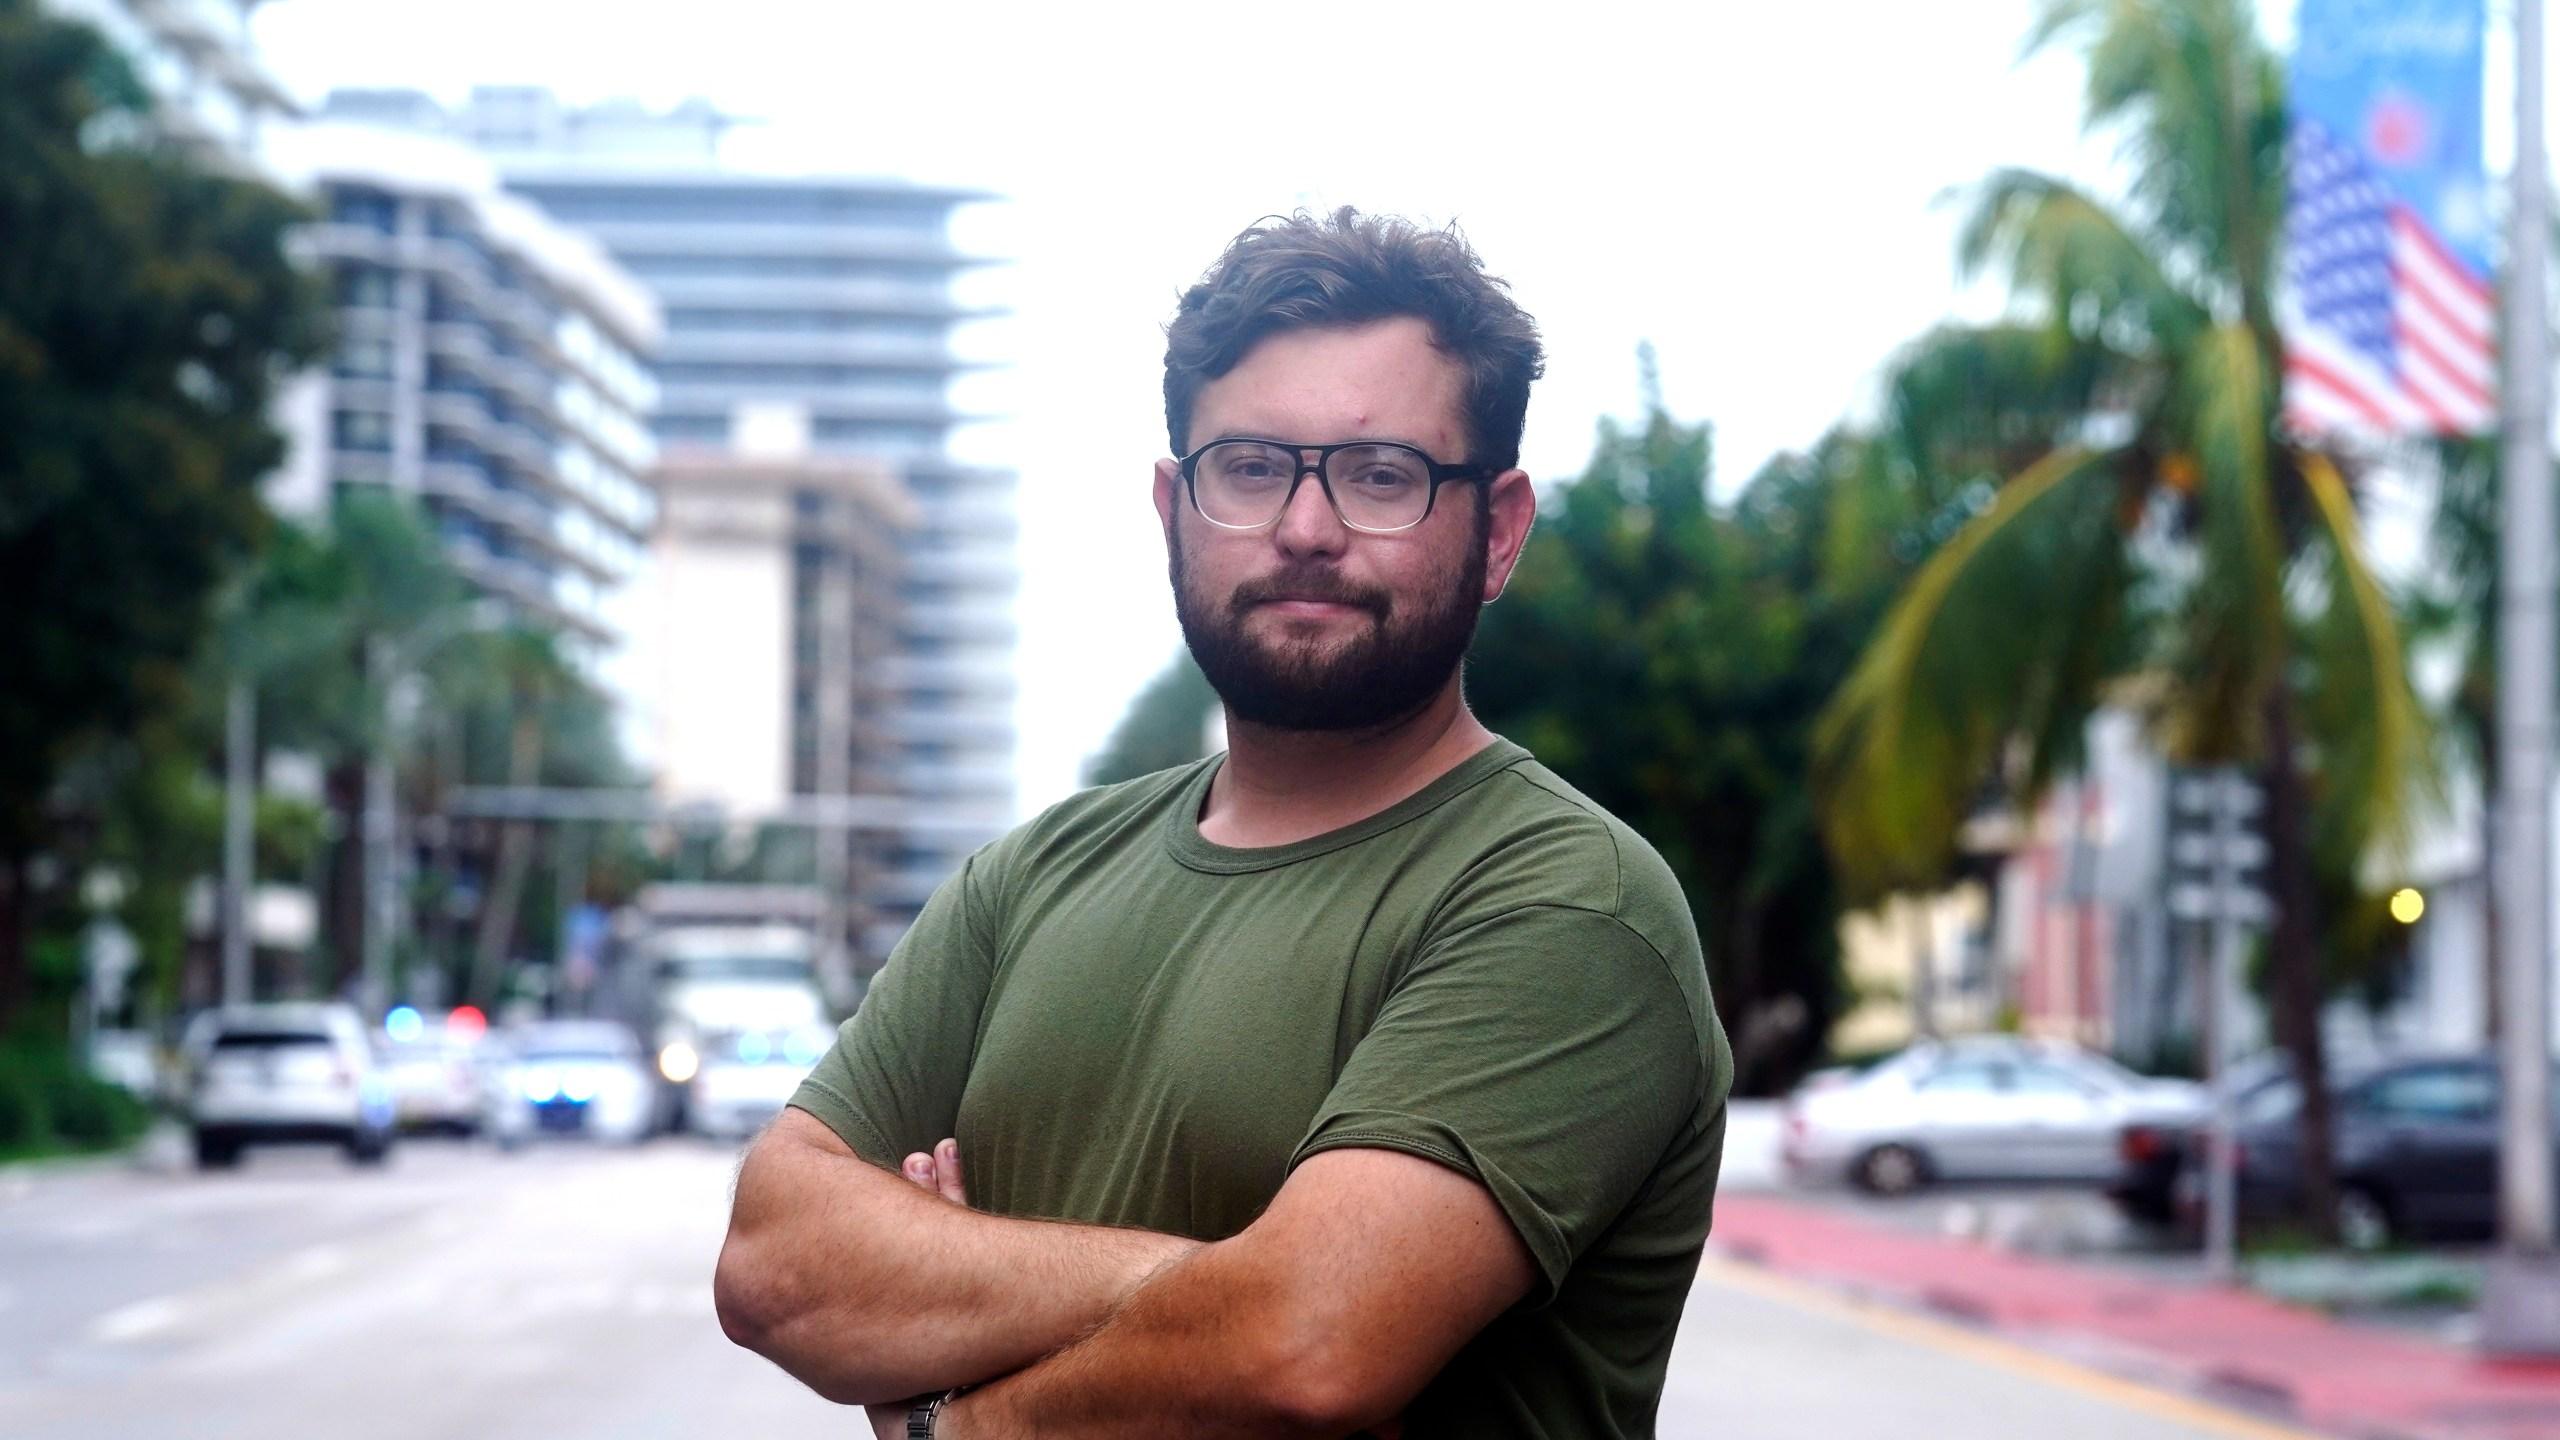 Ryan Mermer